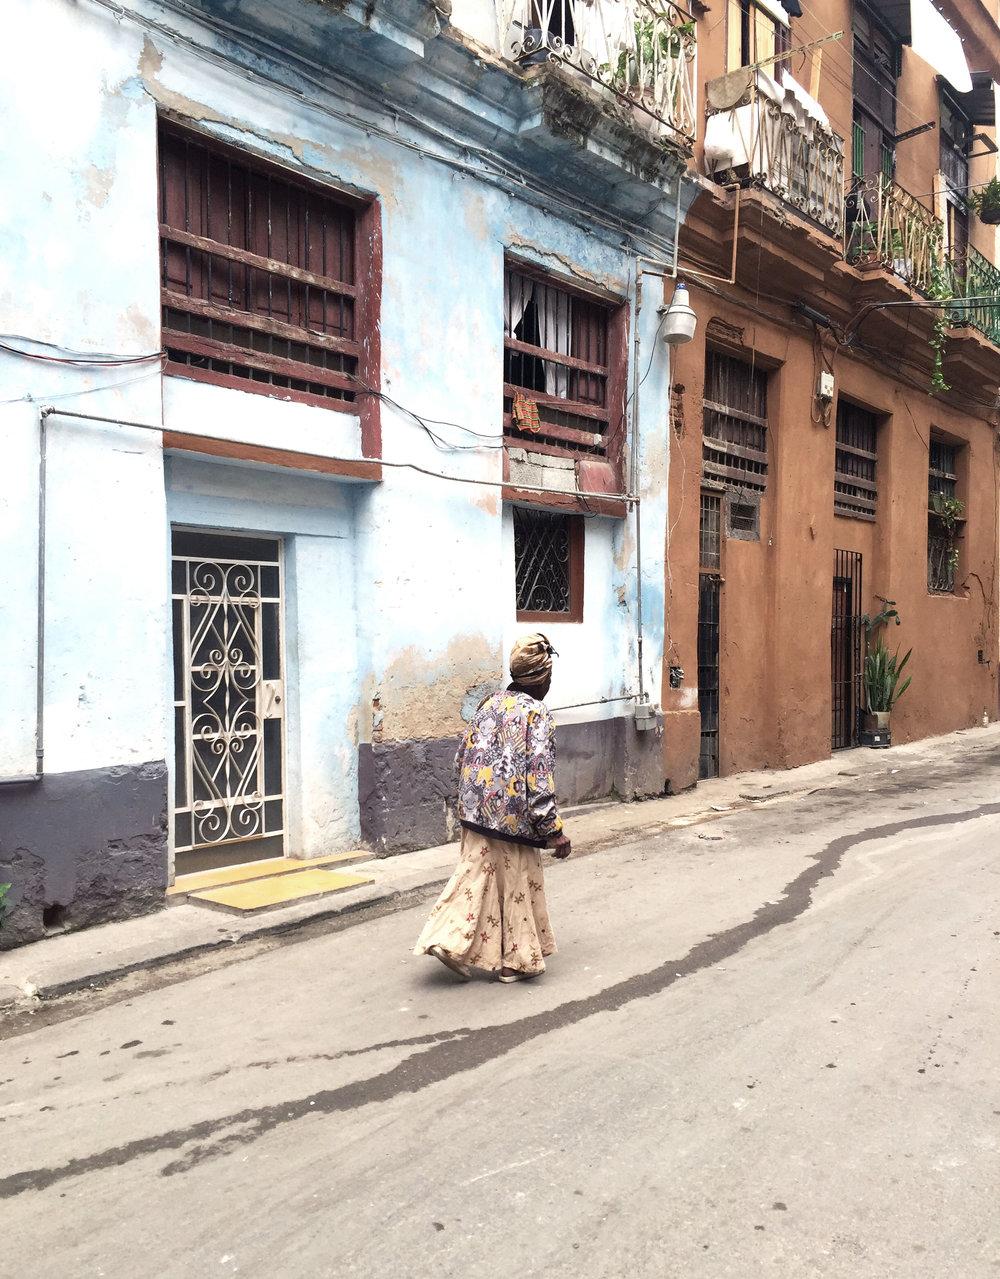 streetstyle_ameliagoss.jpg